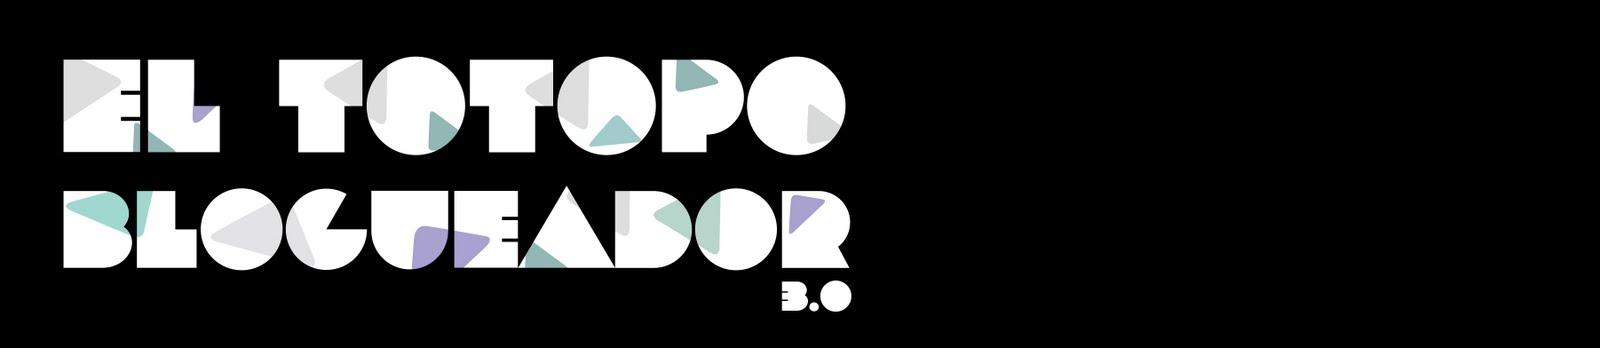 el Totopo Blogueador